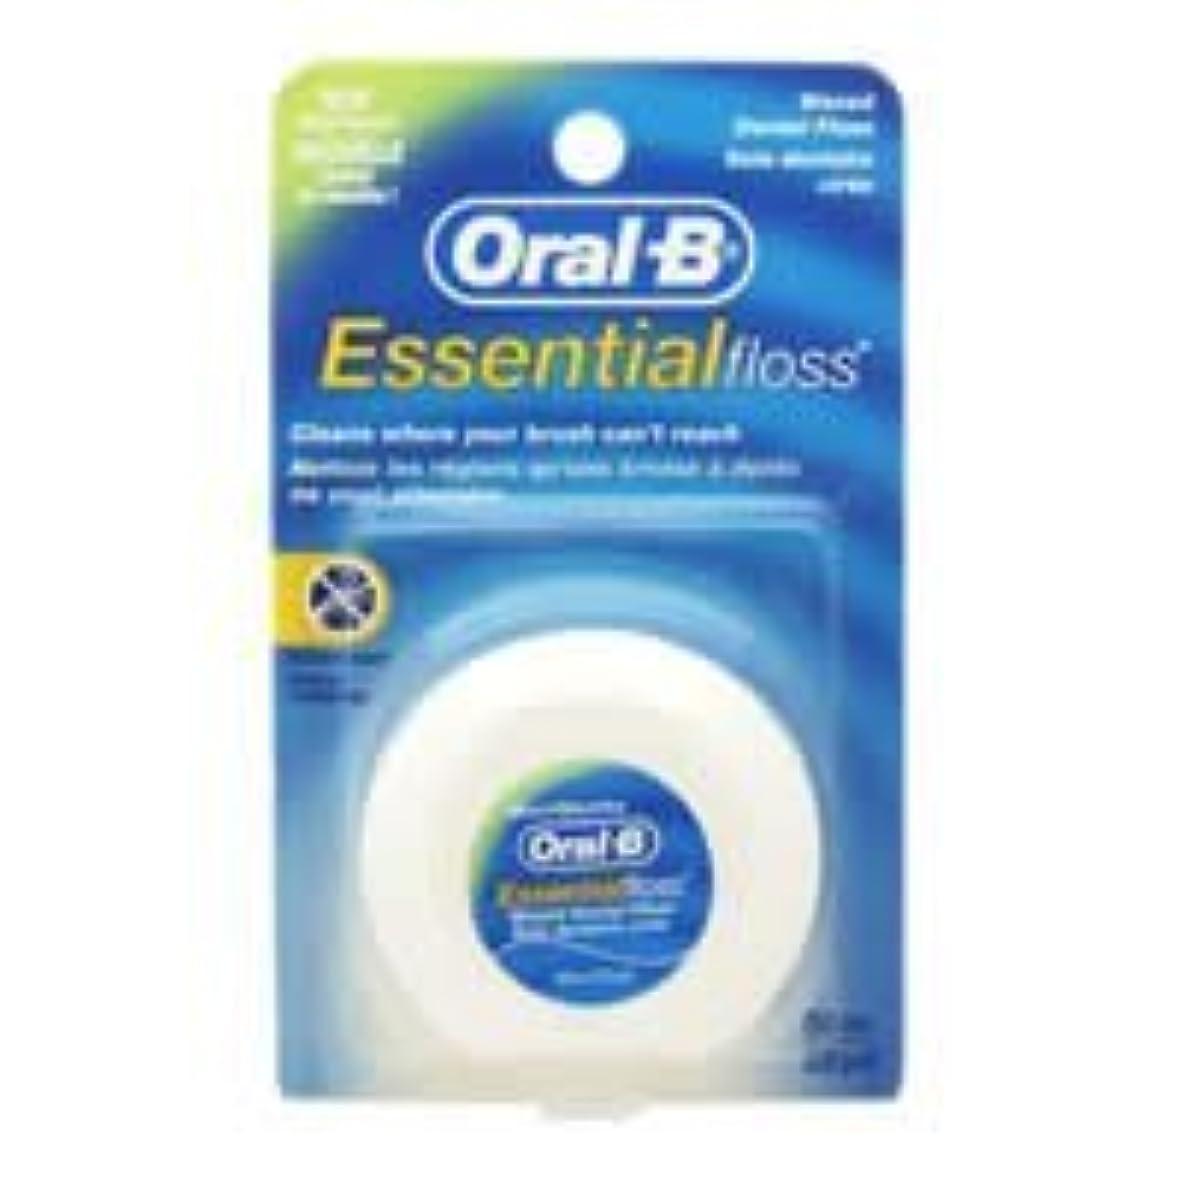 マッサージお願いしますゴールデンOral-B Essential Waxed Dental Floss Mint by Oral-B